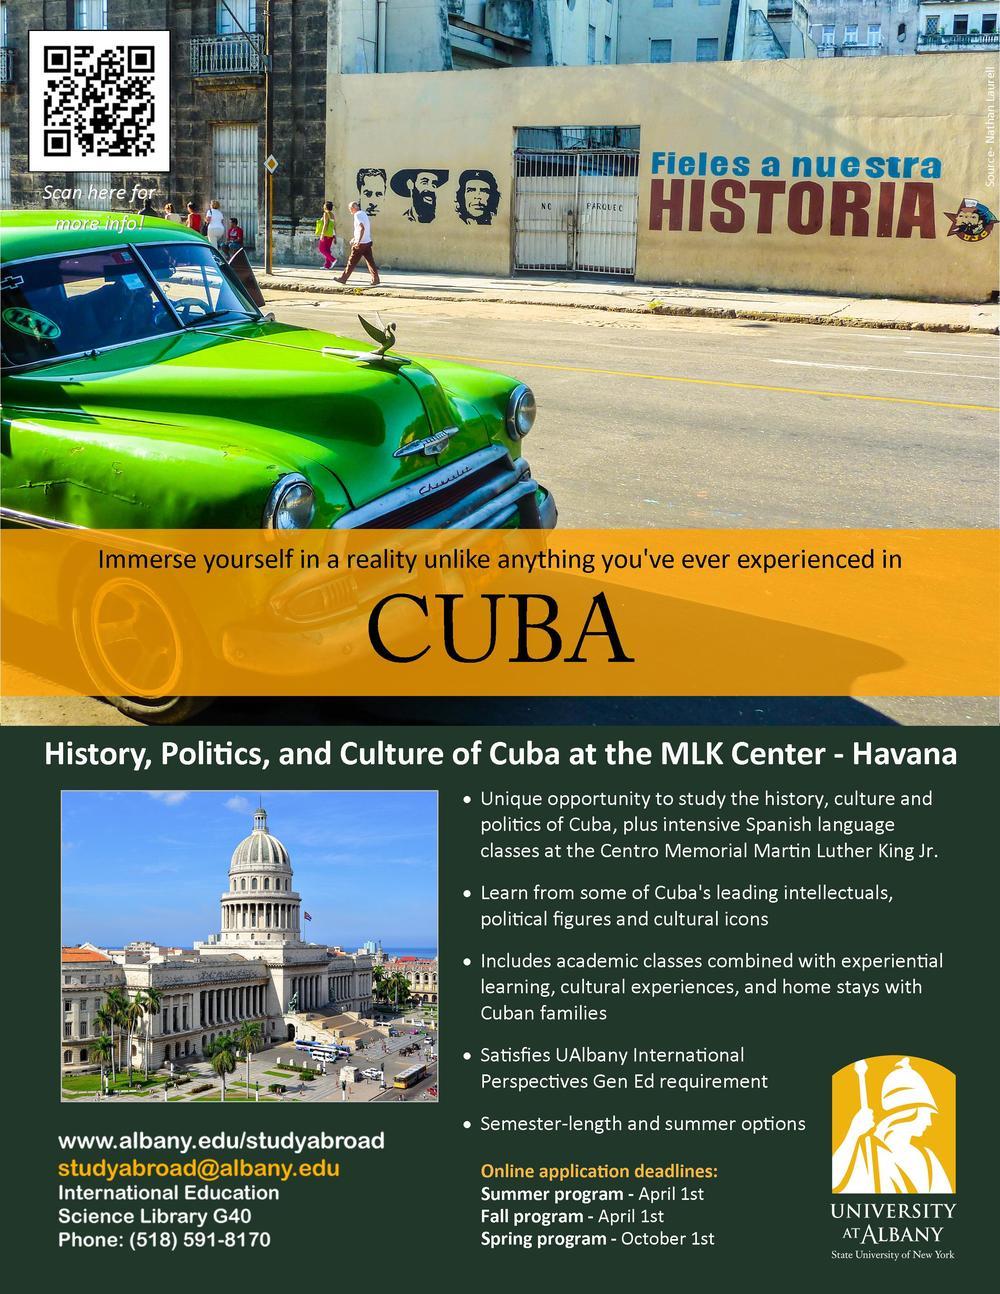 Cuba 2013.jpg